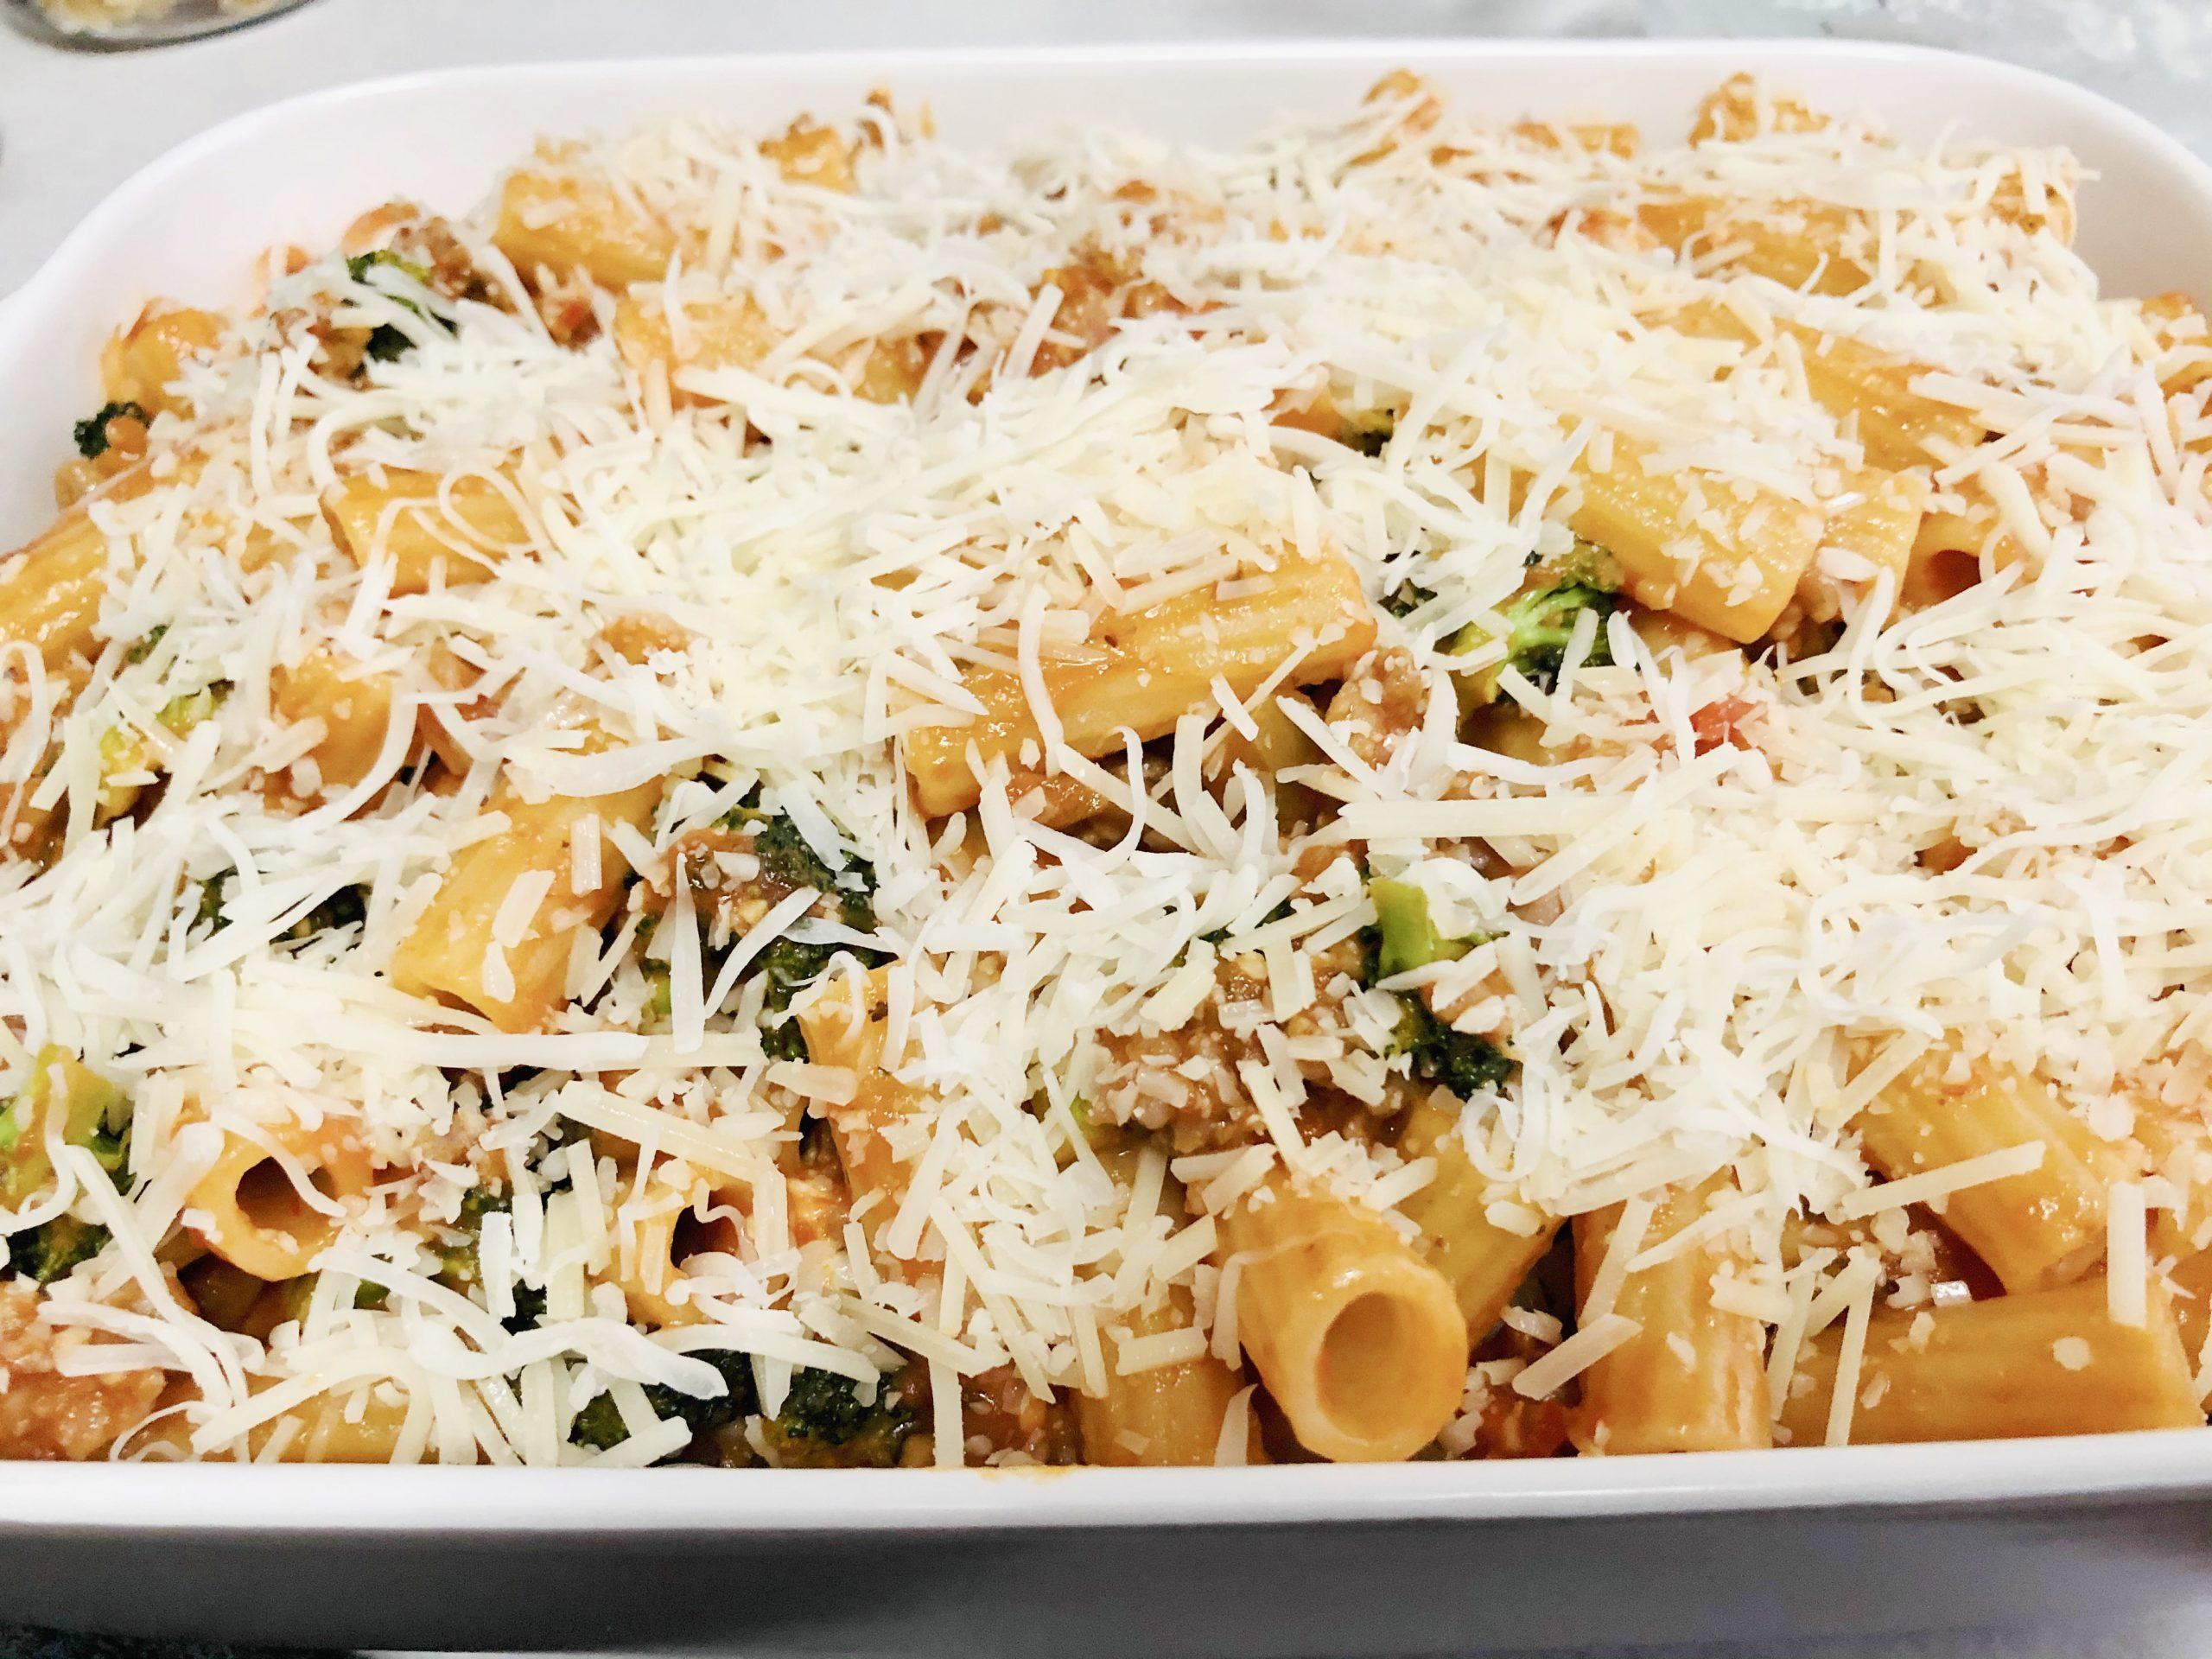 cheese on pasta